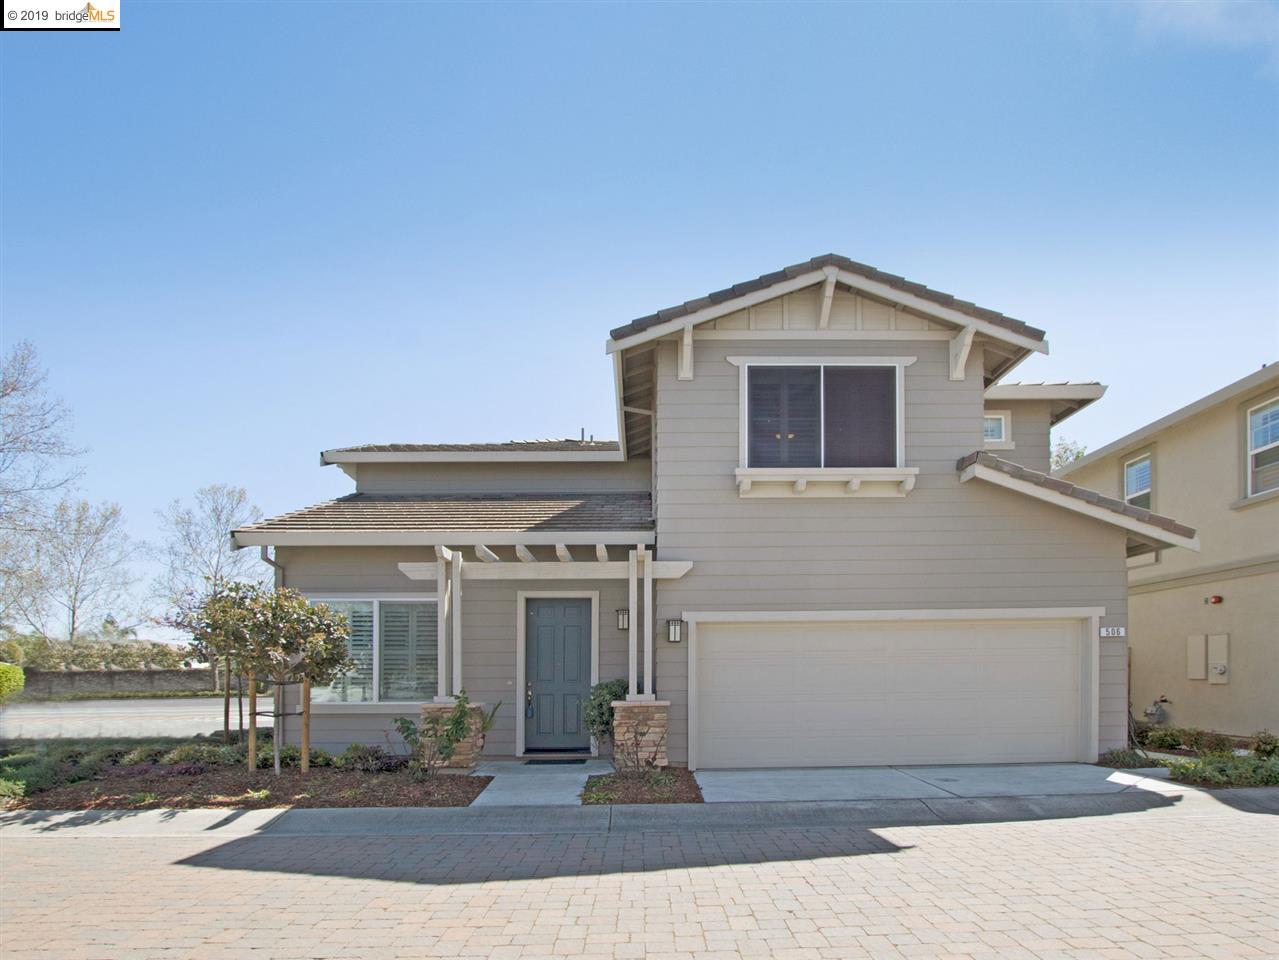 506 Verbena Ct., BRENTWOOD, CA 94513